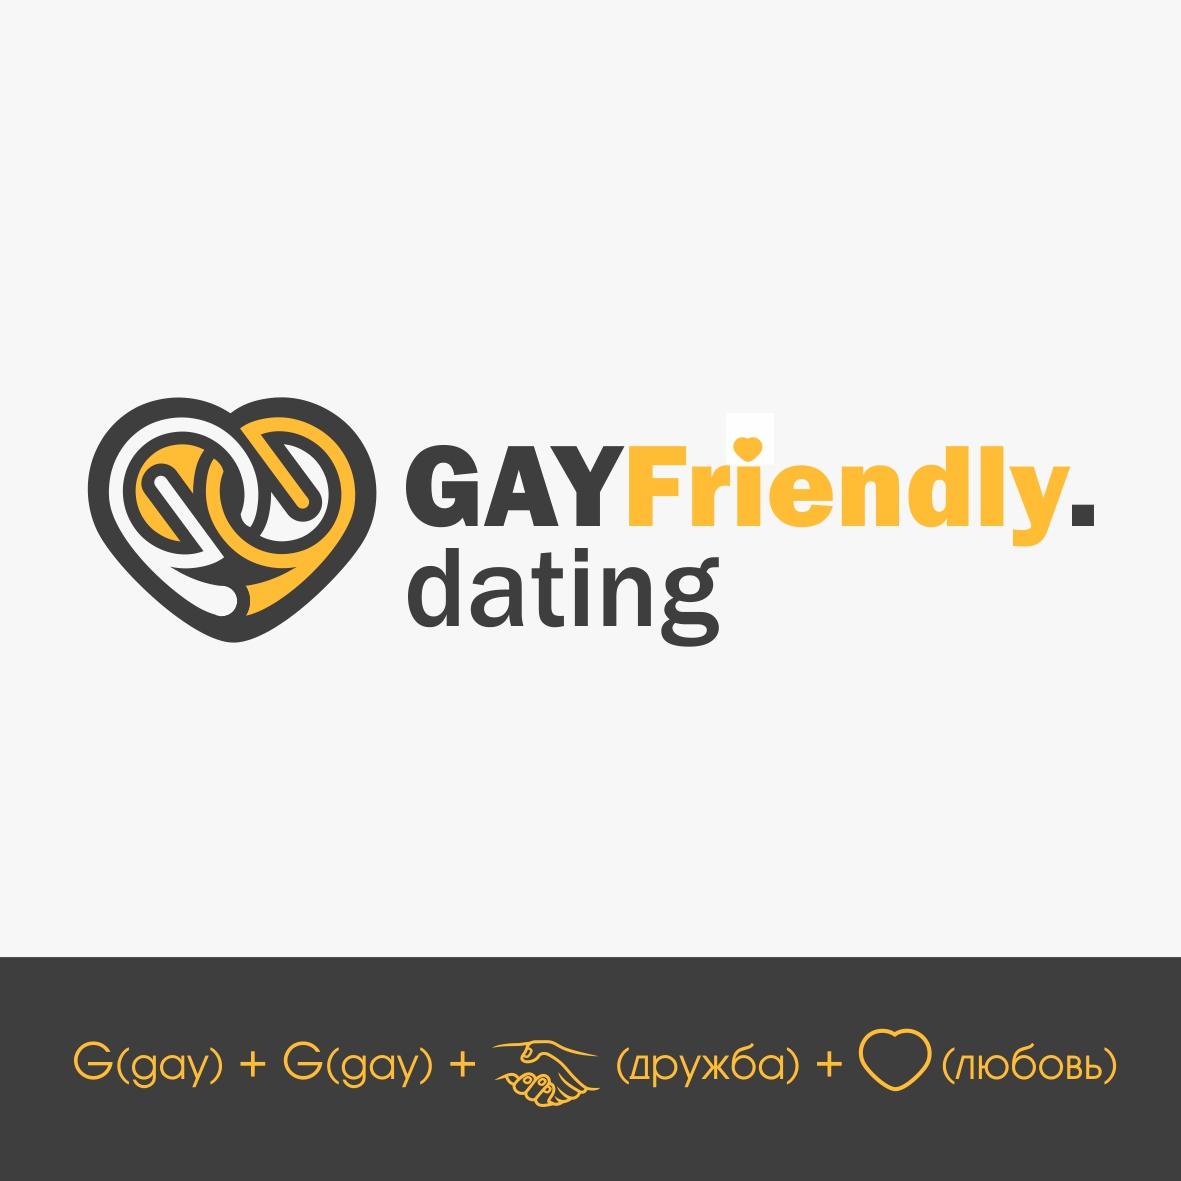 Разработать логотип для англоязычн. сайта знакомств для геев фото f_0655b5240d50e1d4.jpg